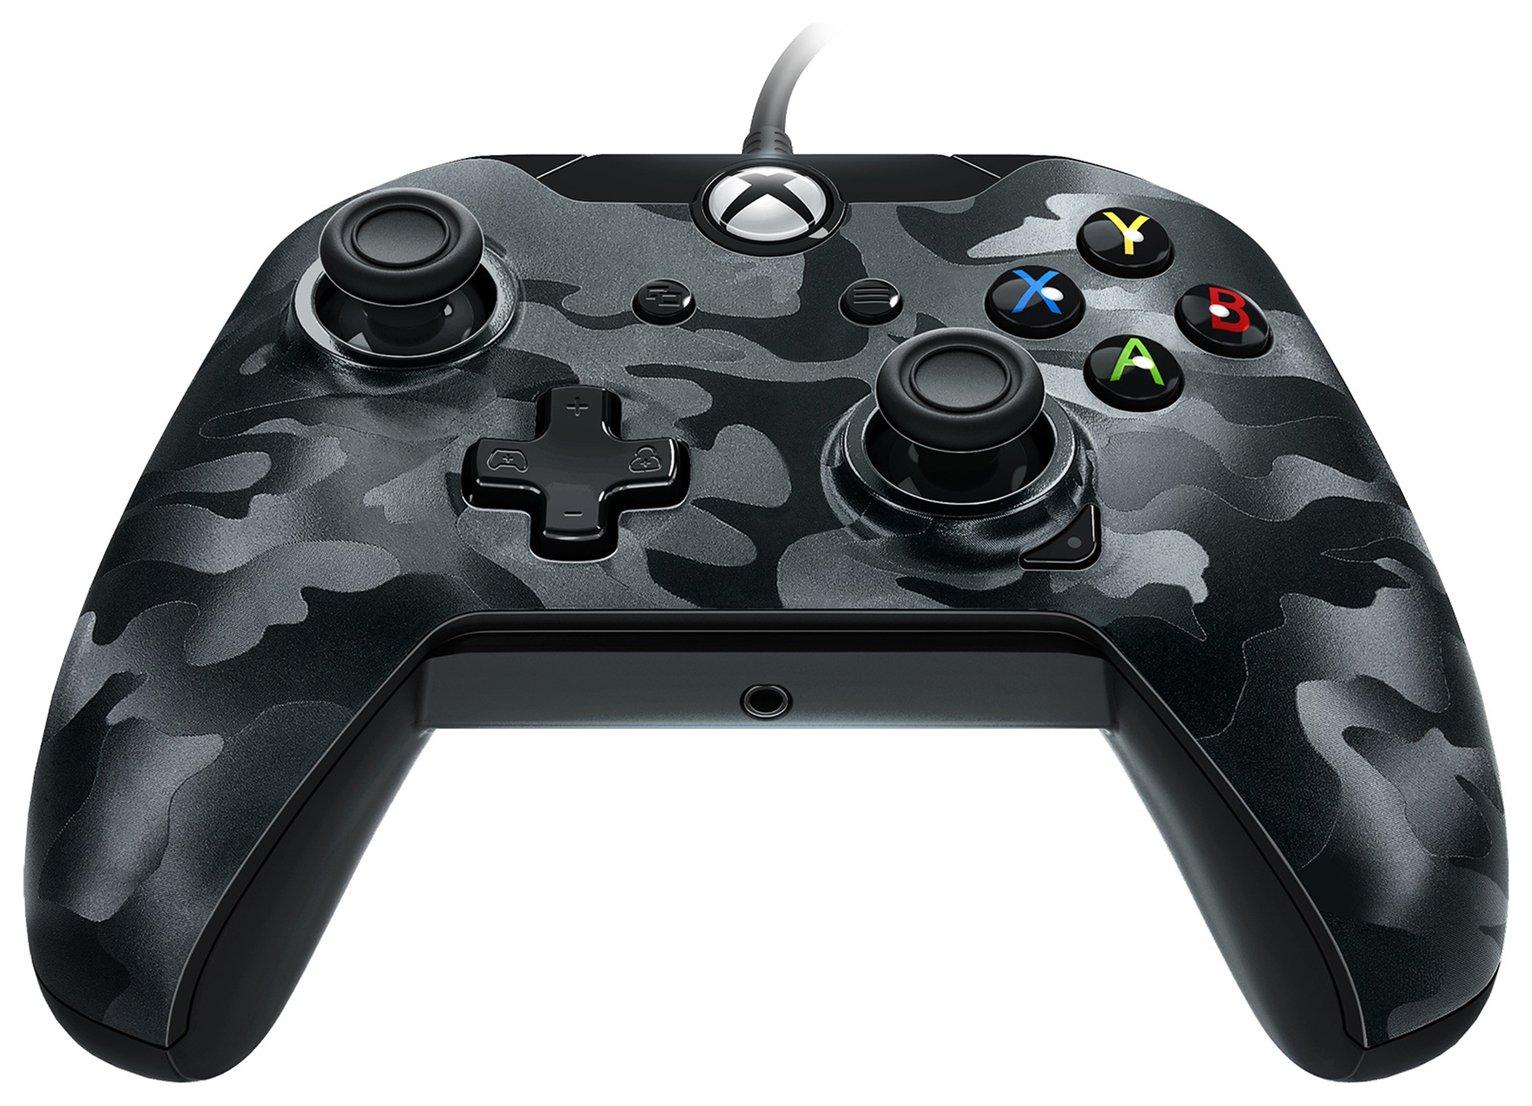 Camo Xbox One Controller - Black